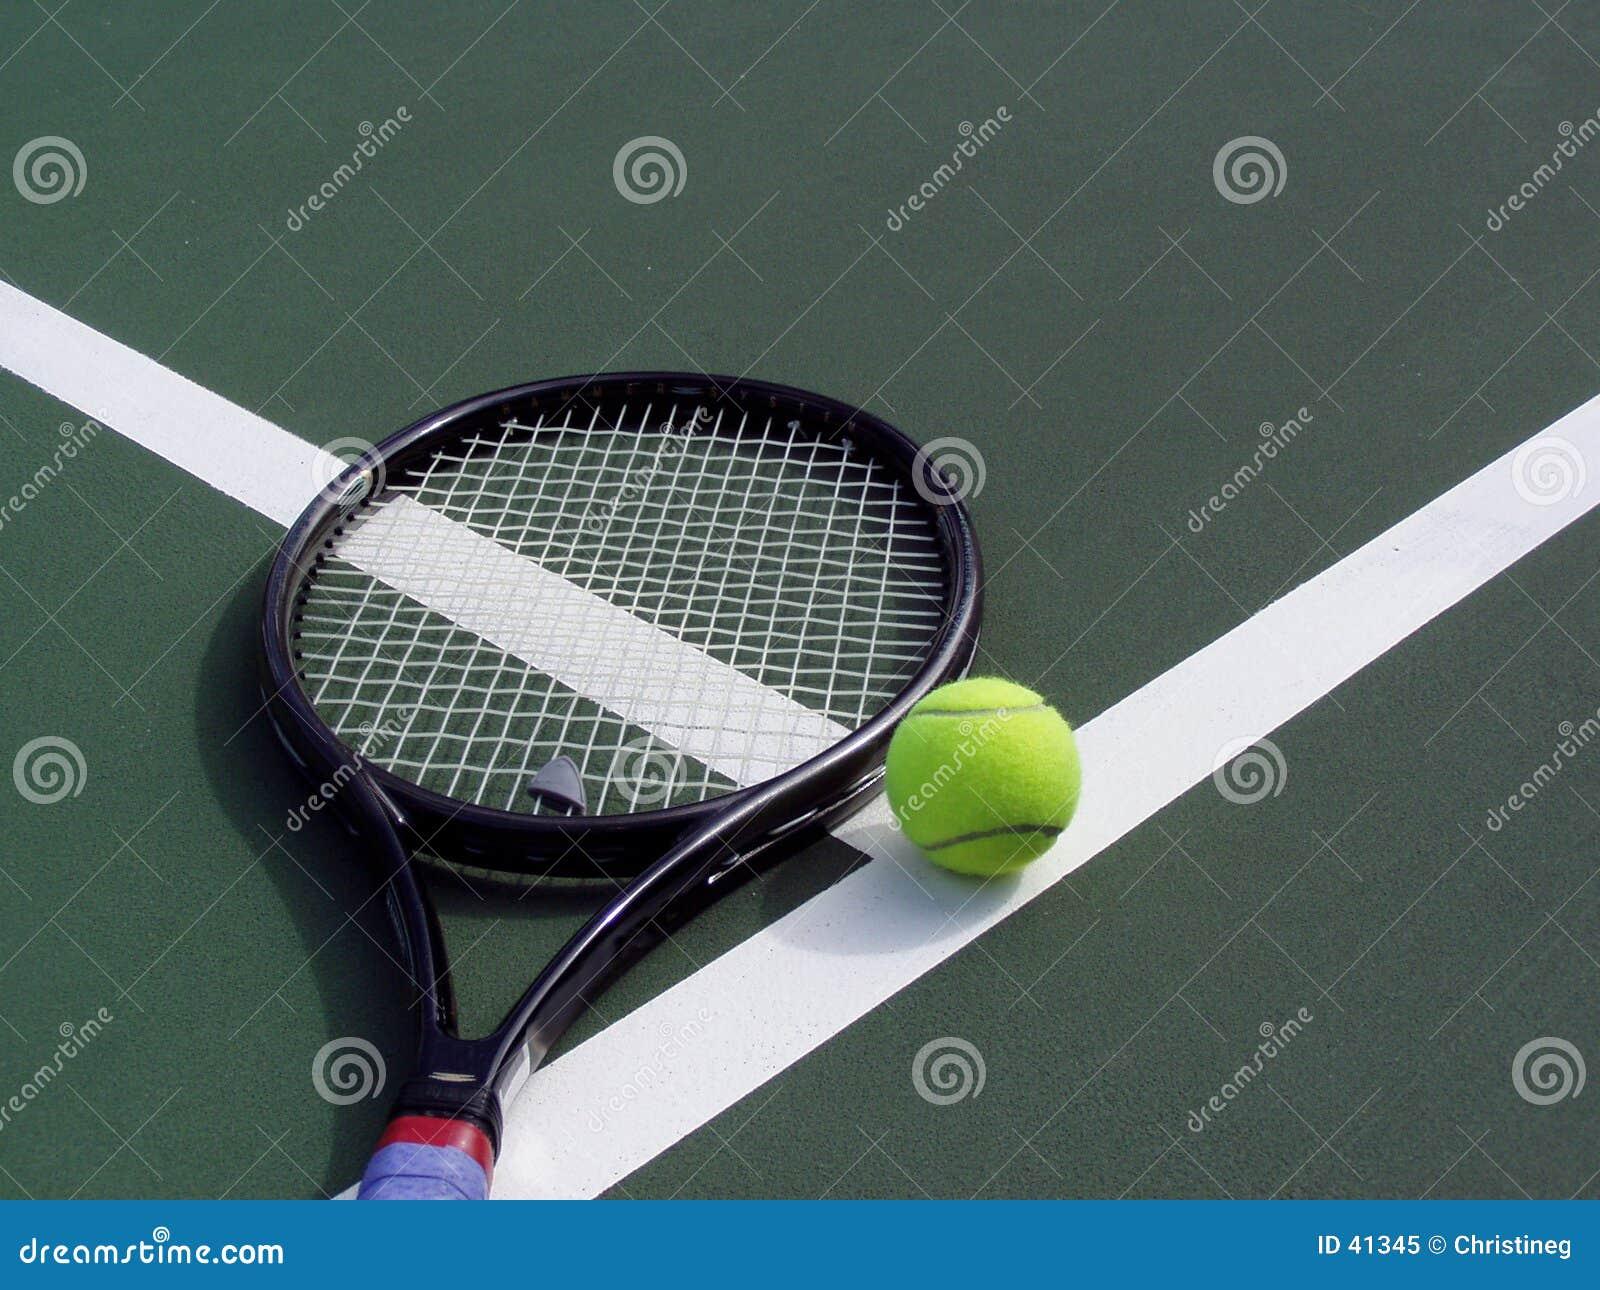 Raquete e esfera de tênis em uma corte de tênis